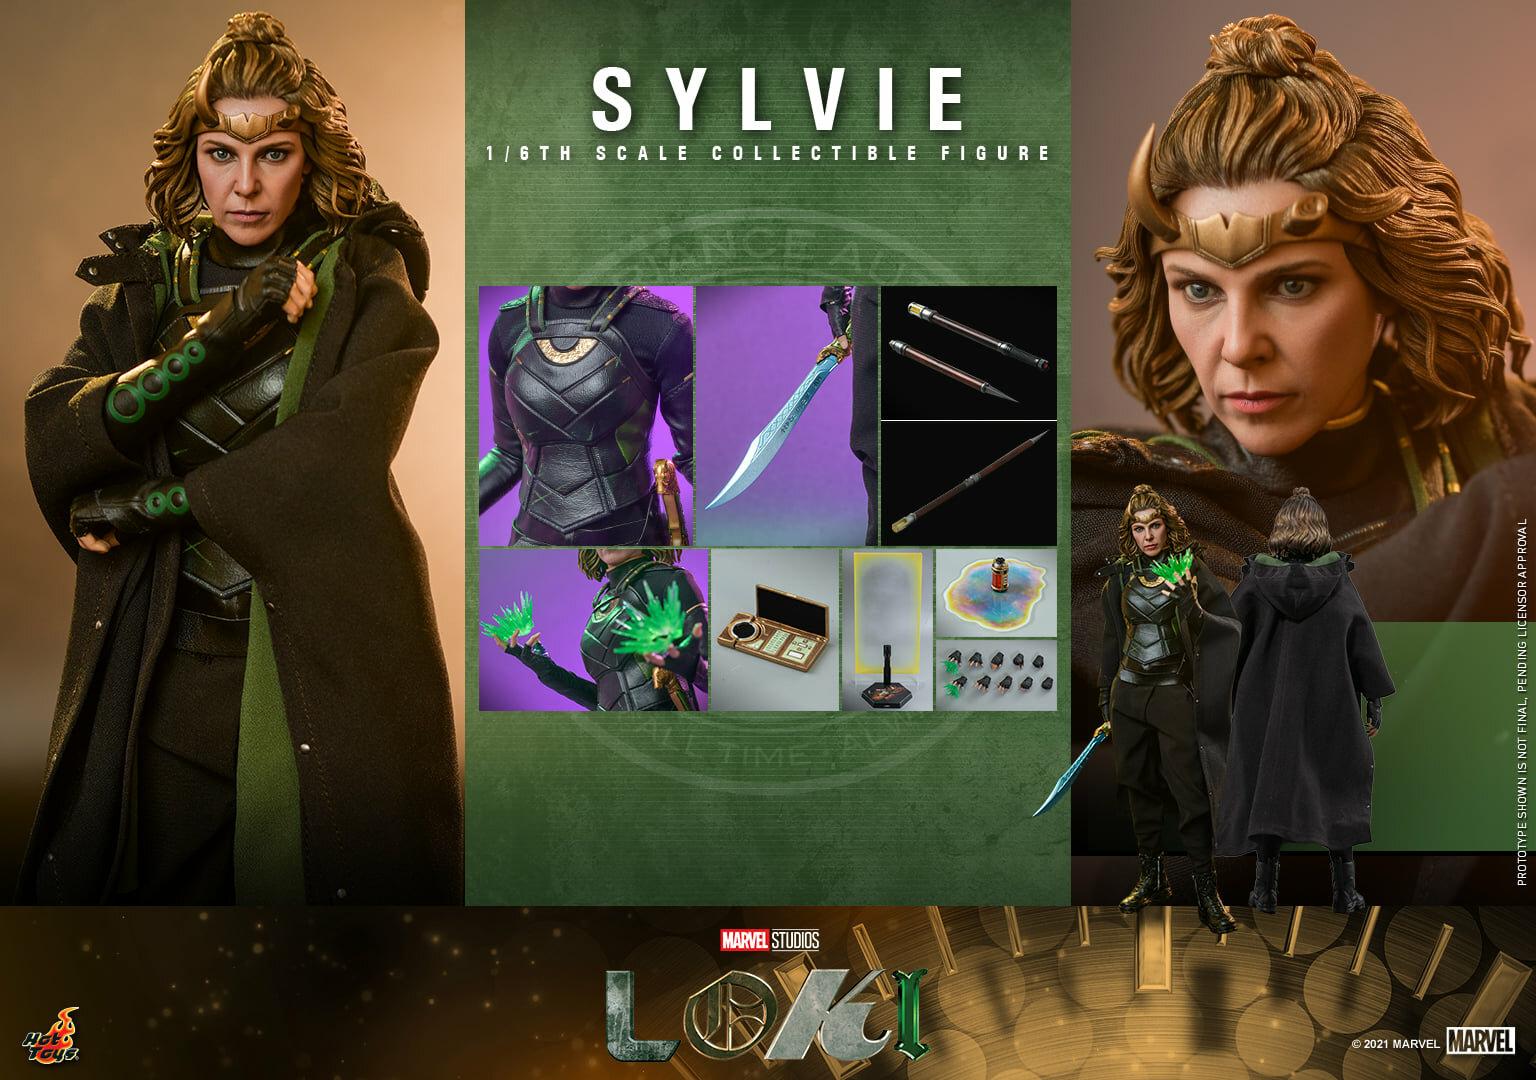 Hot-Toys-Sylvie-Loki-20.jpg.448ed64d0970bdb0b1de84b2a1a41ed5.jpg